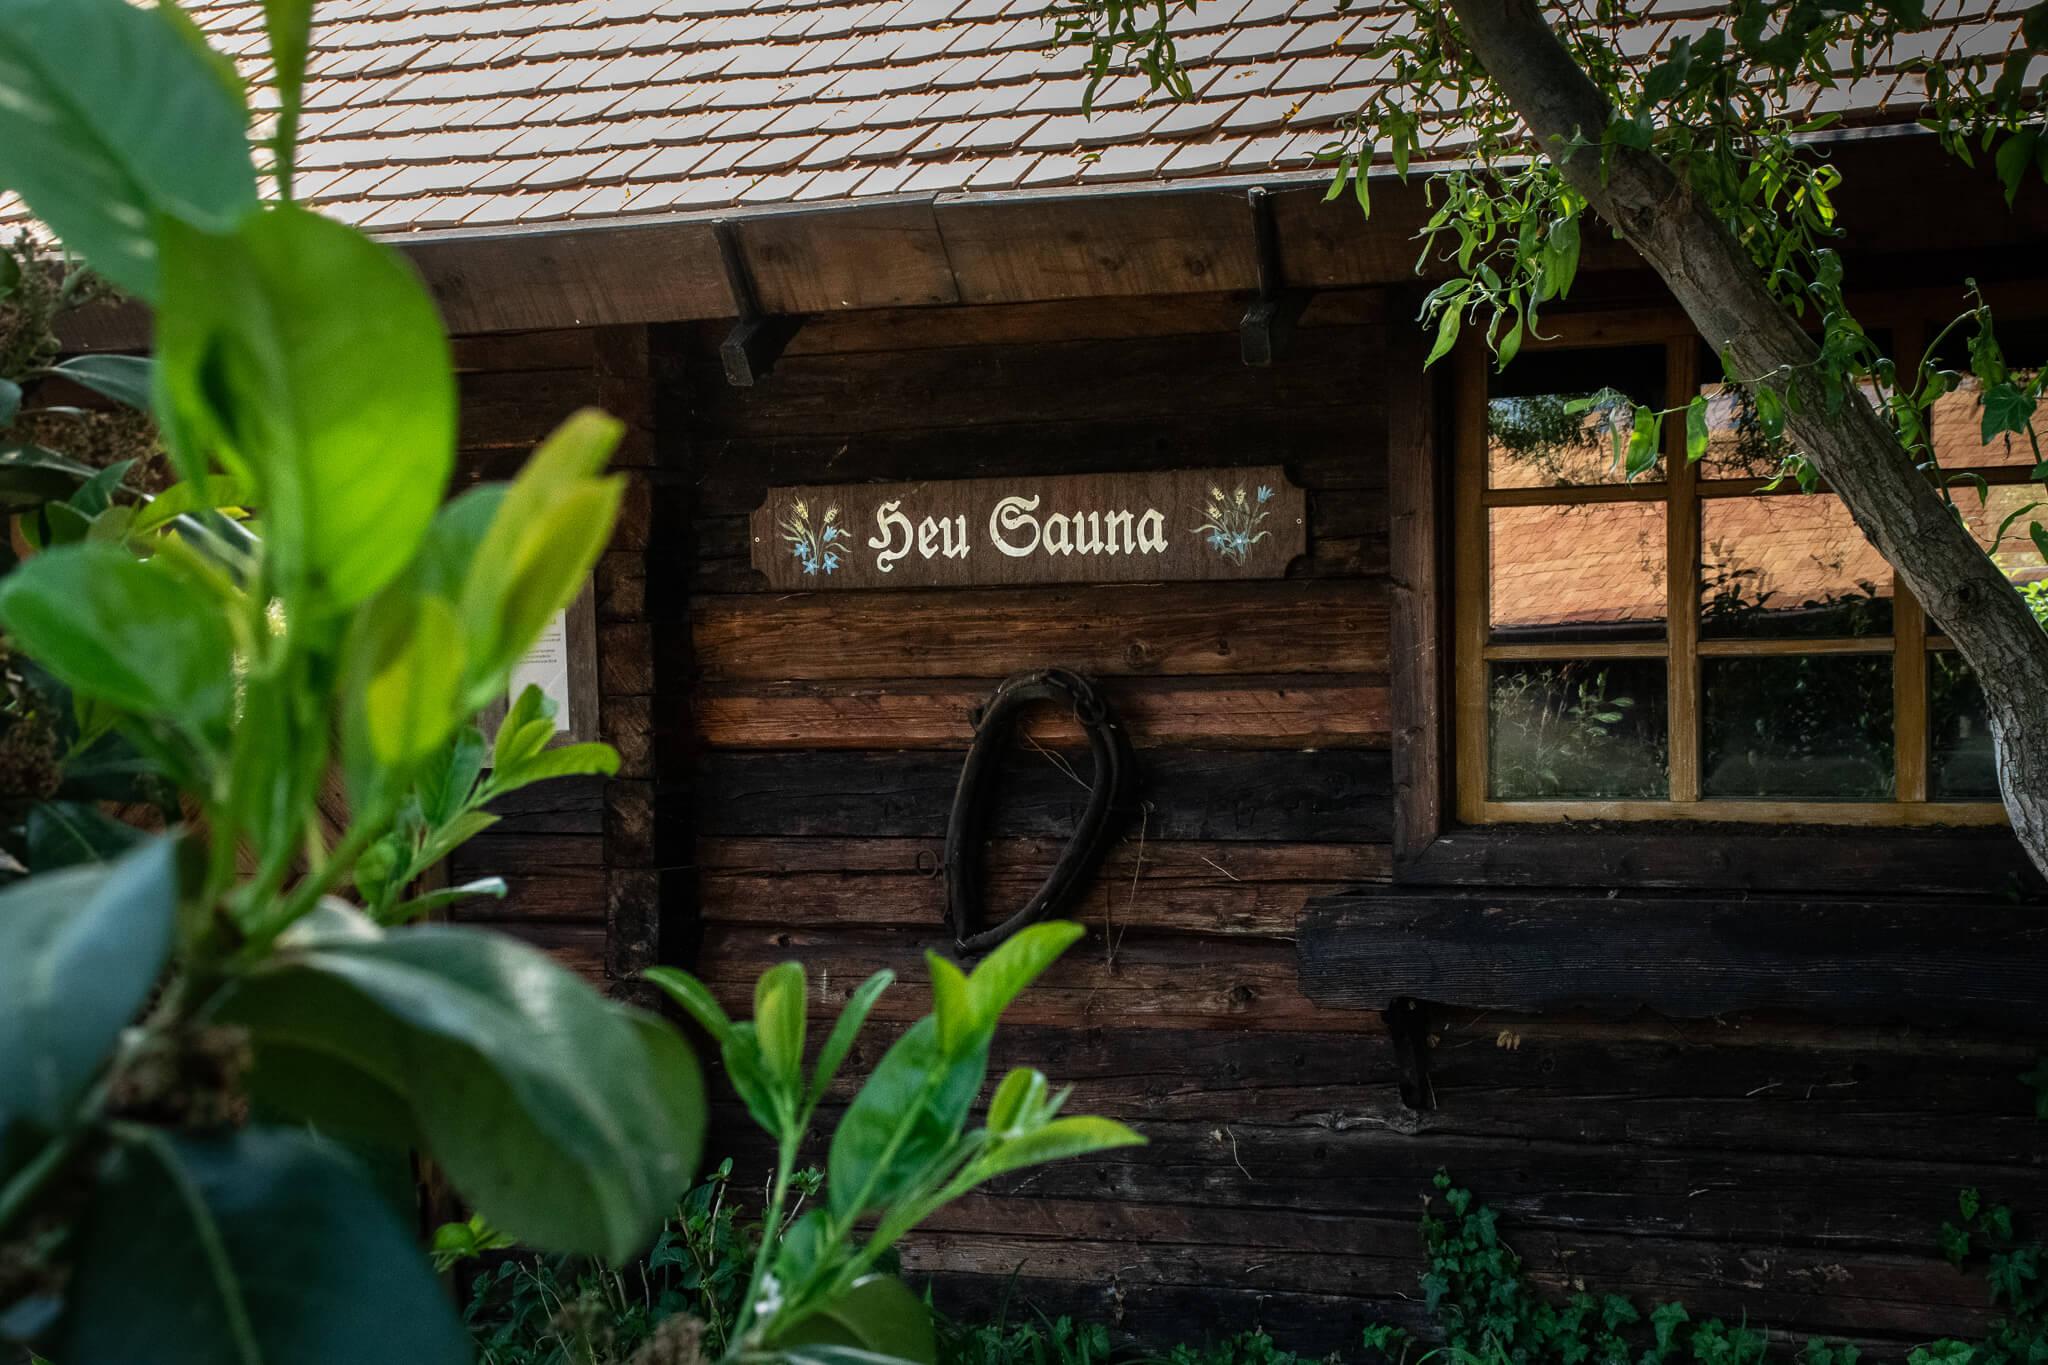 Heu Sauna